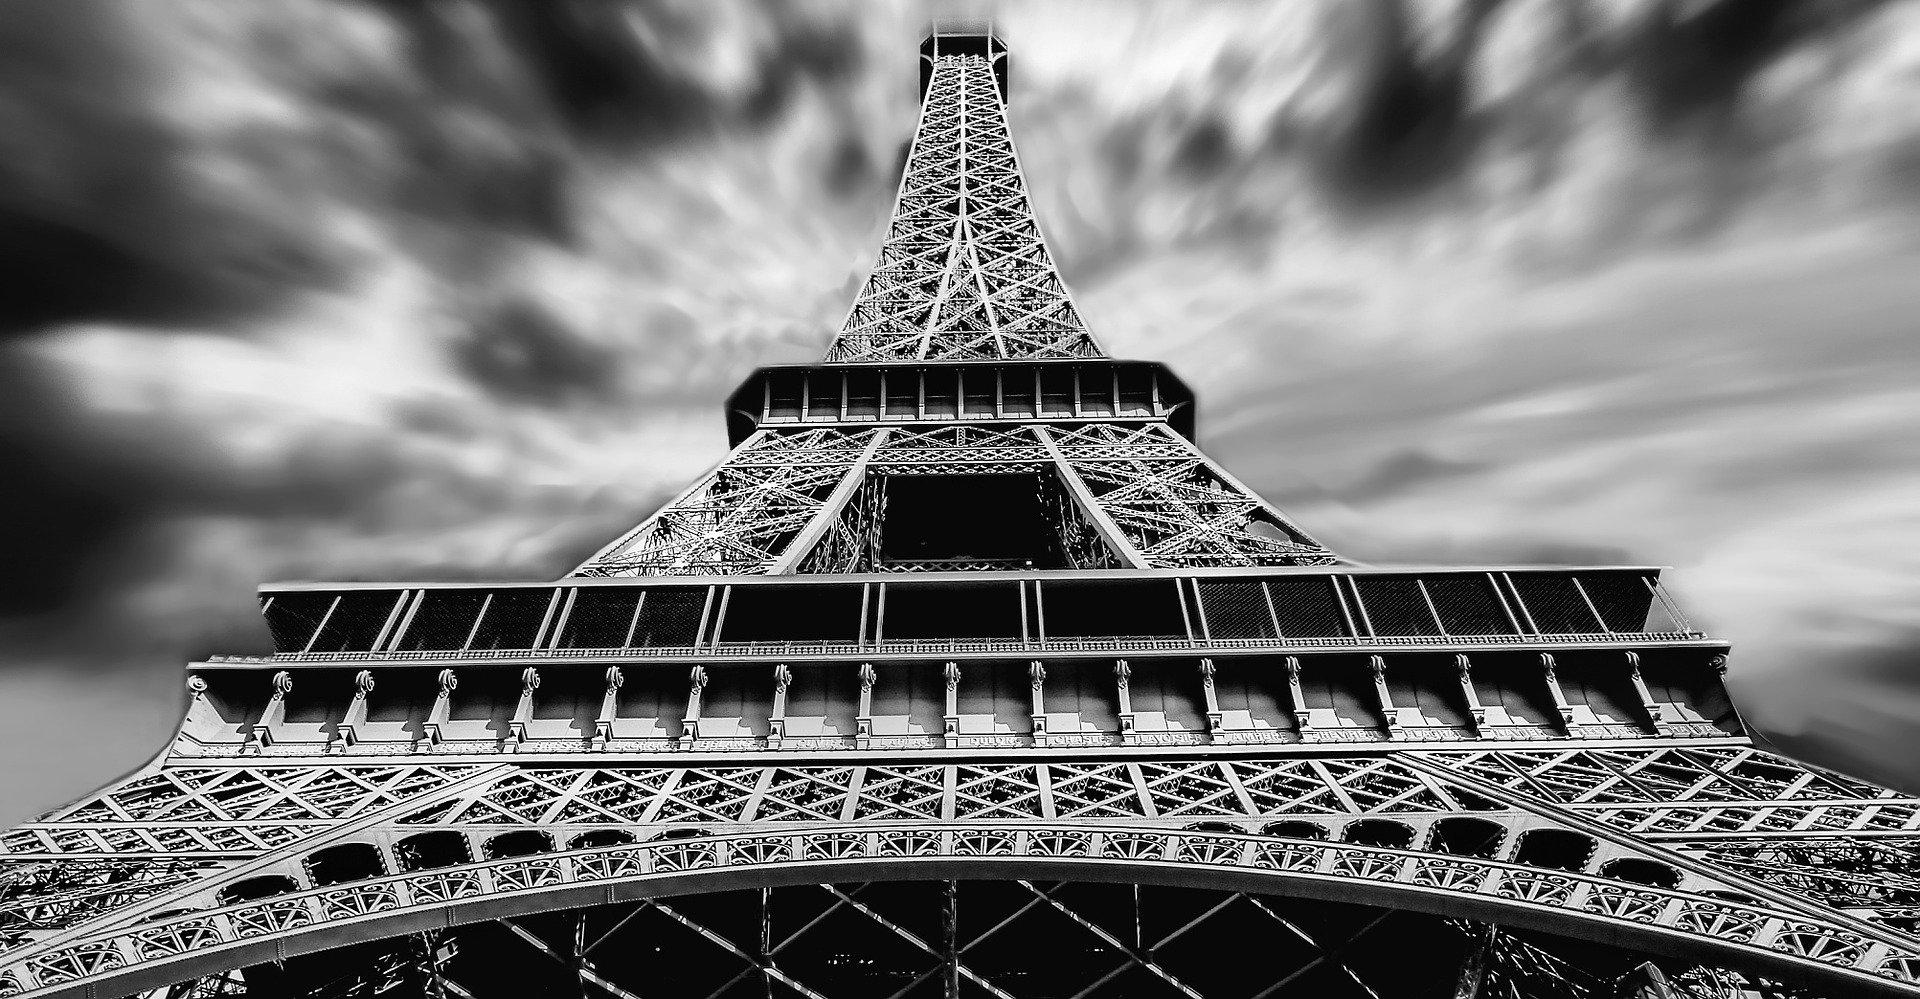 Πύργος του Άιφελ: Τον κοιτάς με δέος